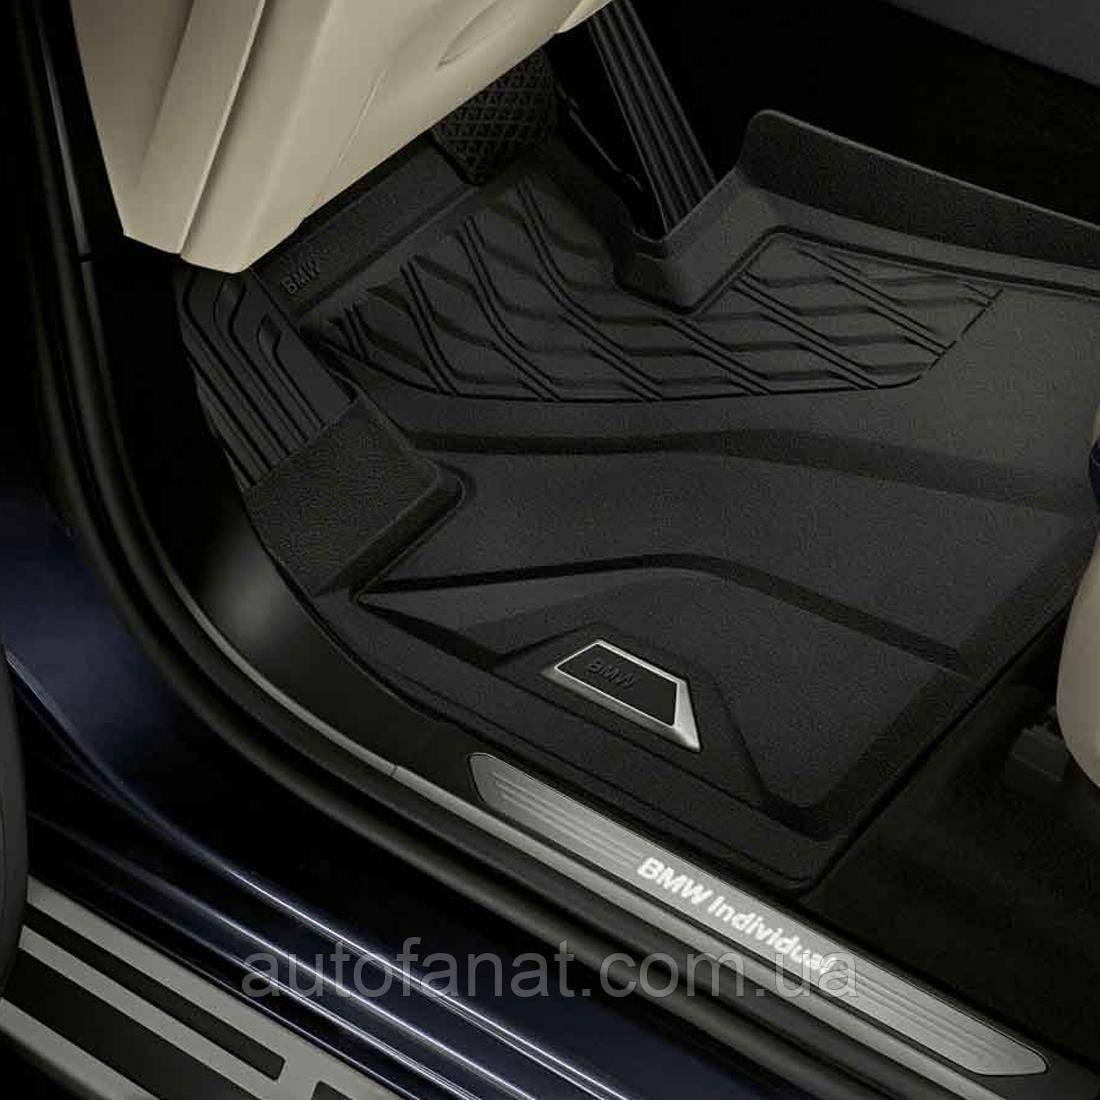 Оригинальные резиновые передние высокие коврики BMW X5 (G05), X6 (G06), X7 (G07) ( 51472458559)